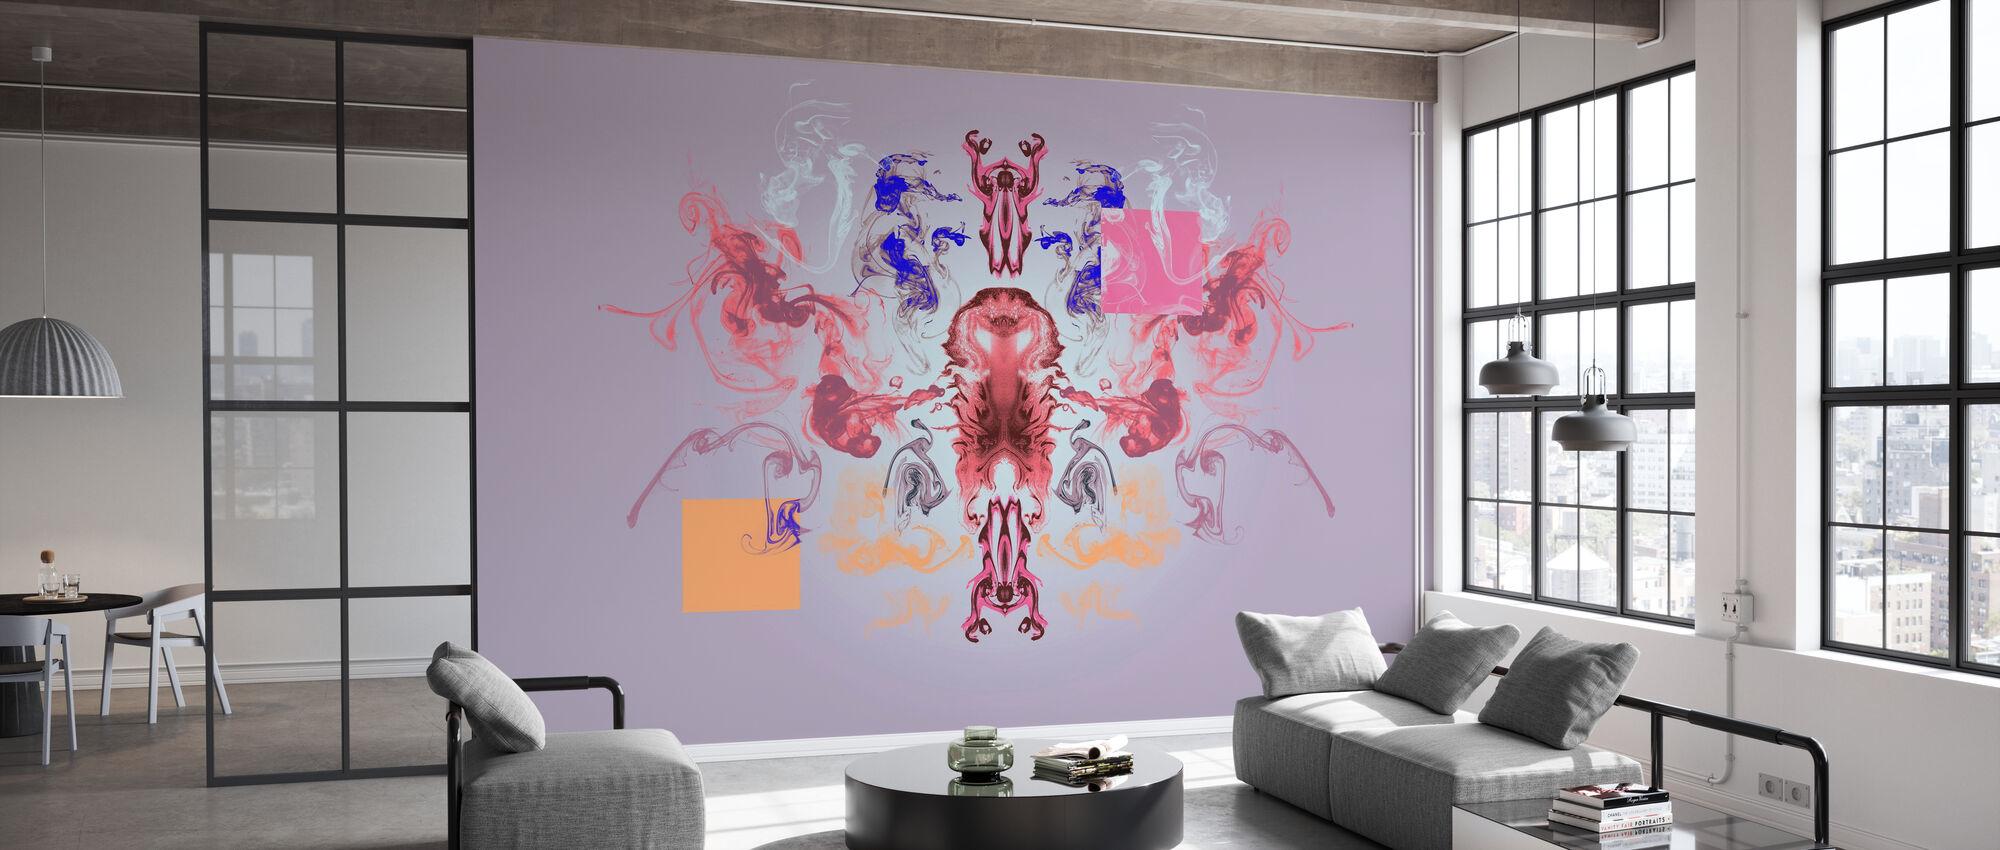 Deep Fluids - Wallpaper - Office